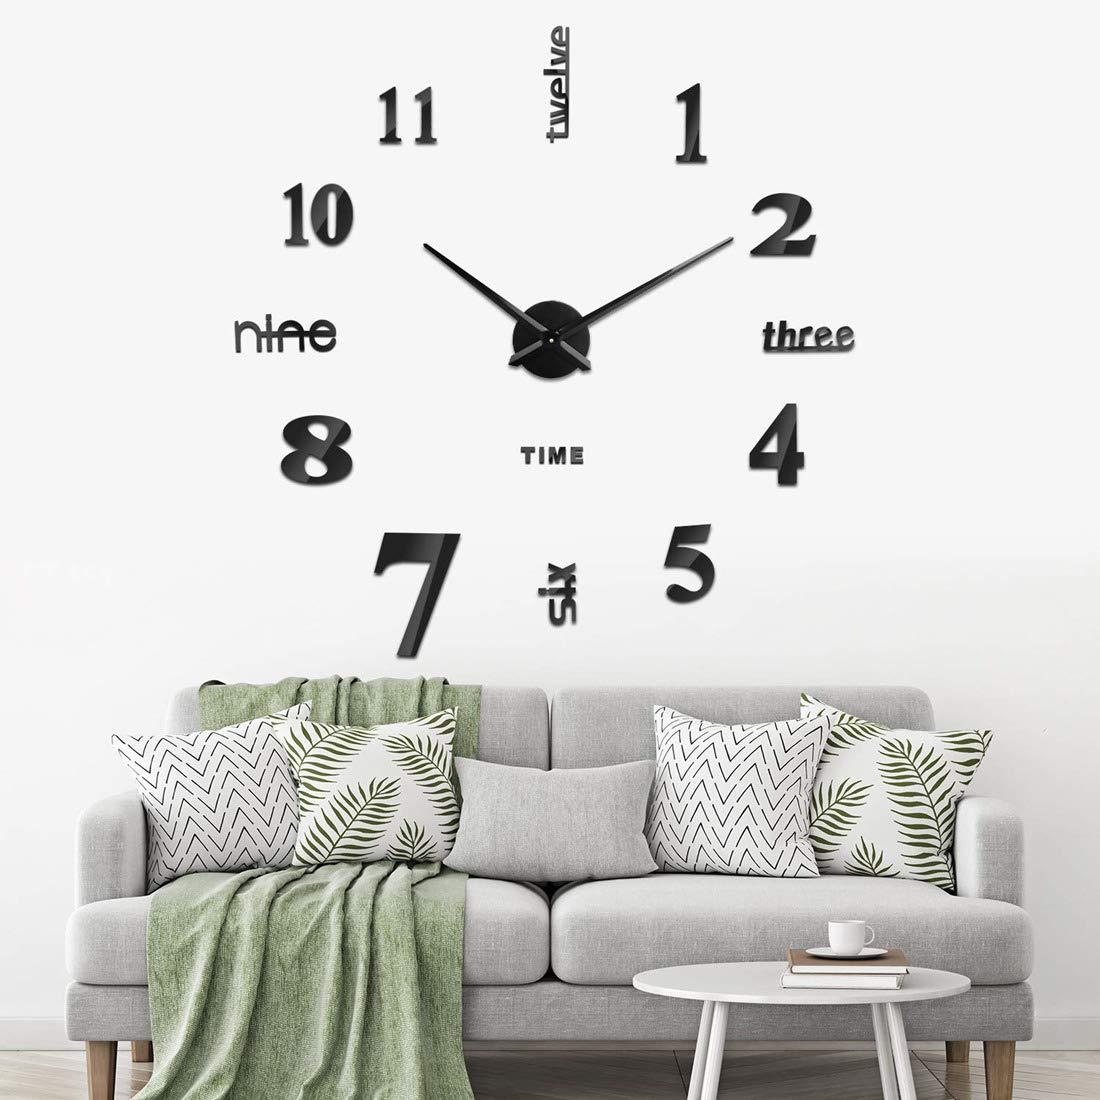 Noir Yolistar Modern DIY Grande Horloge Murale 3D Miroir Autocollant Metal Silencieuse Pendule Murale Pendule Murale Moderne M/étallique Horloge D/écorations de Bureau Domicile